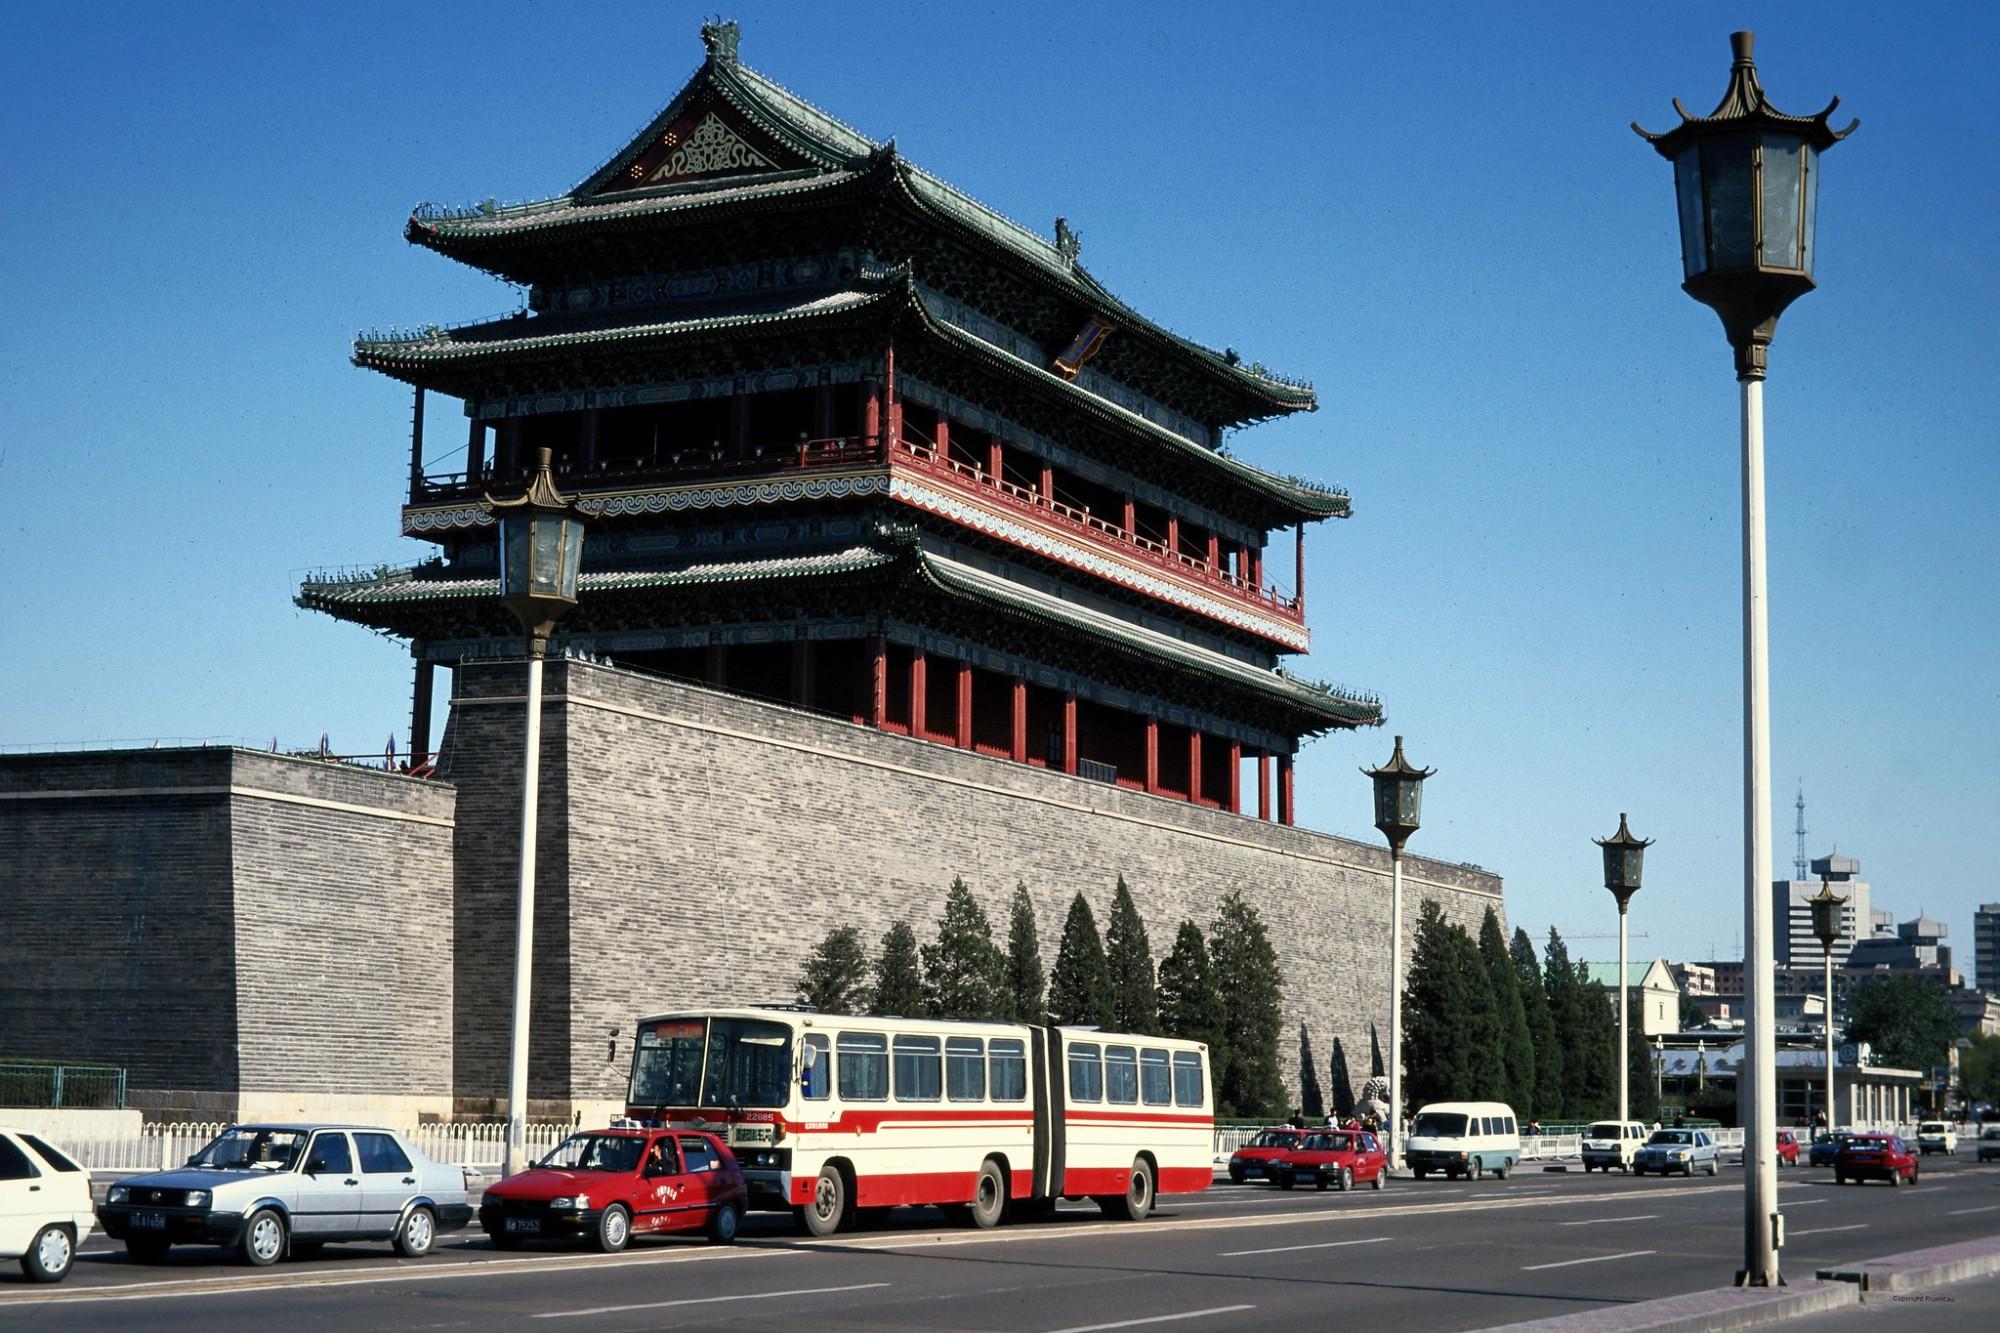 2000 Beijing